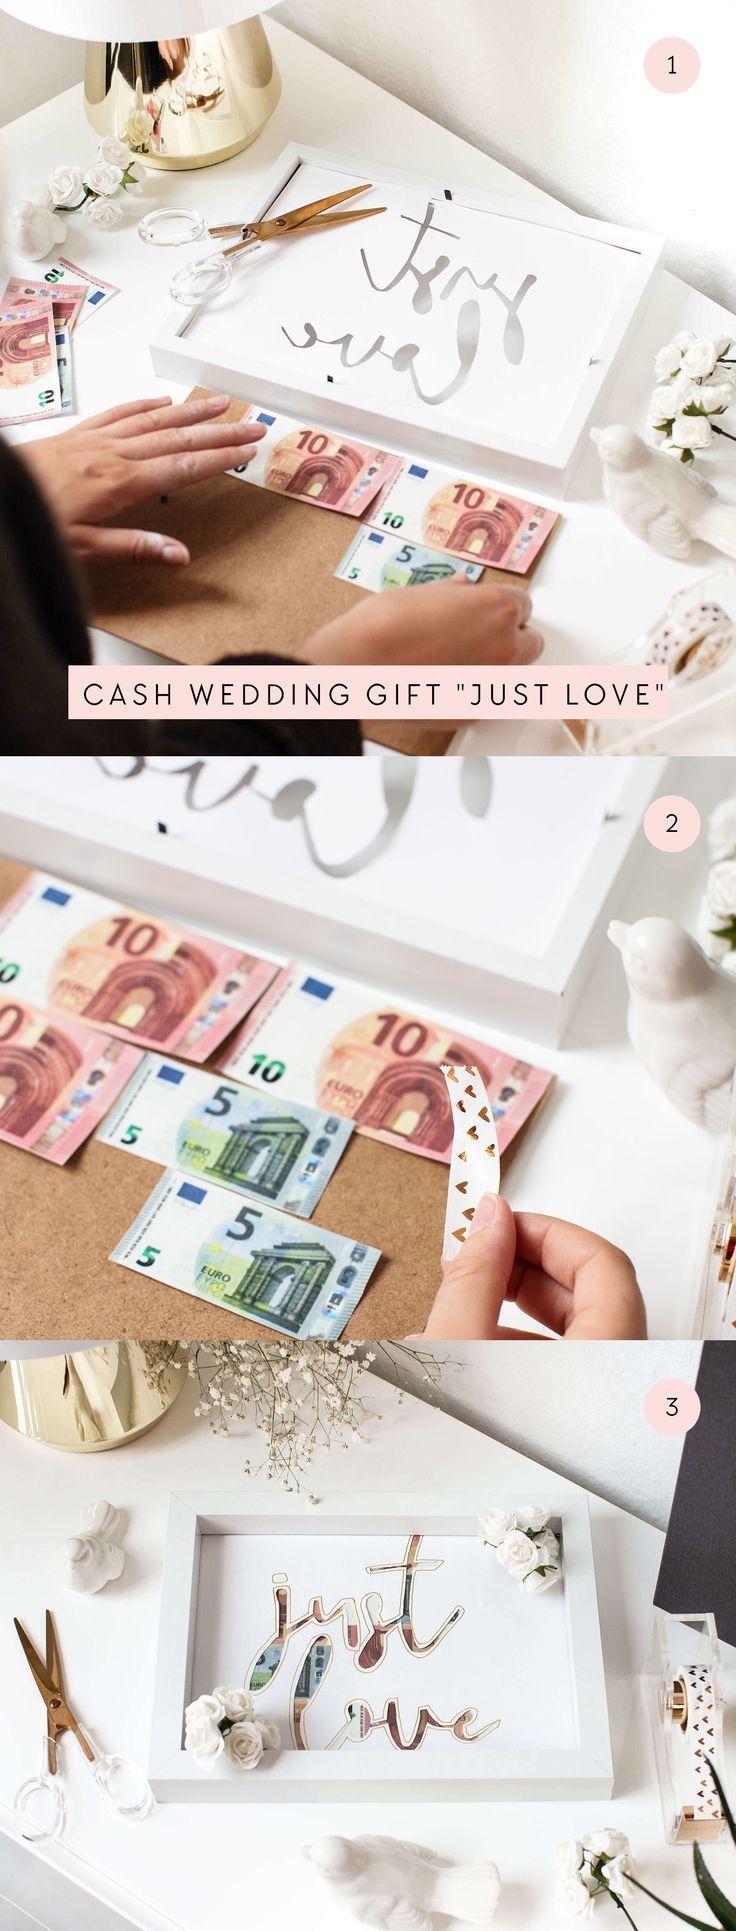 Geschenkideen zur Hochzeit | Geldgeschenke originell verpacken